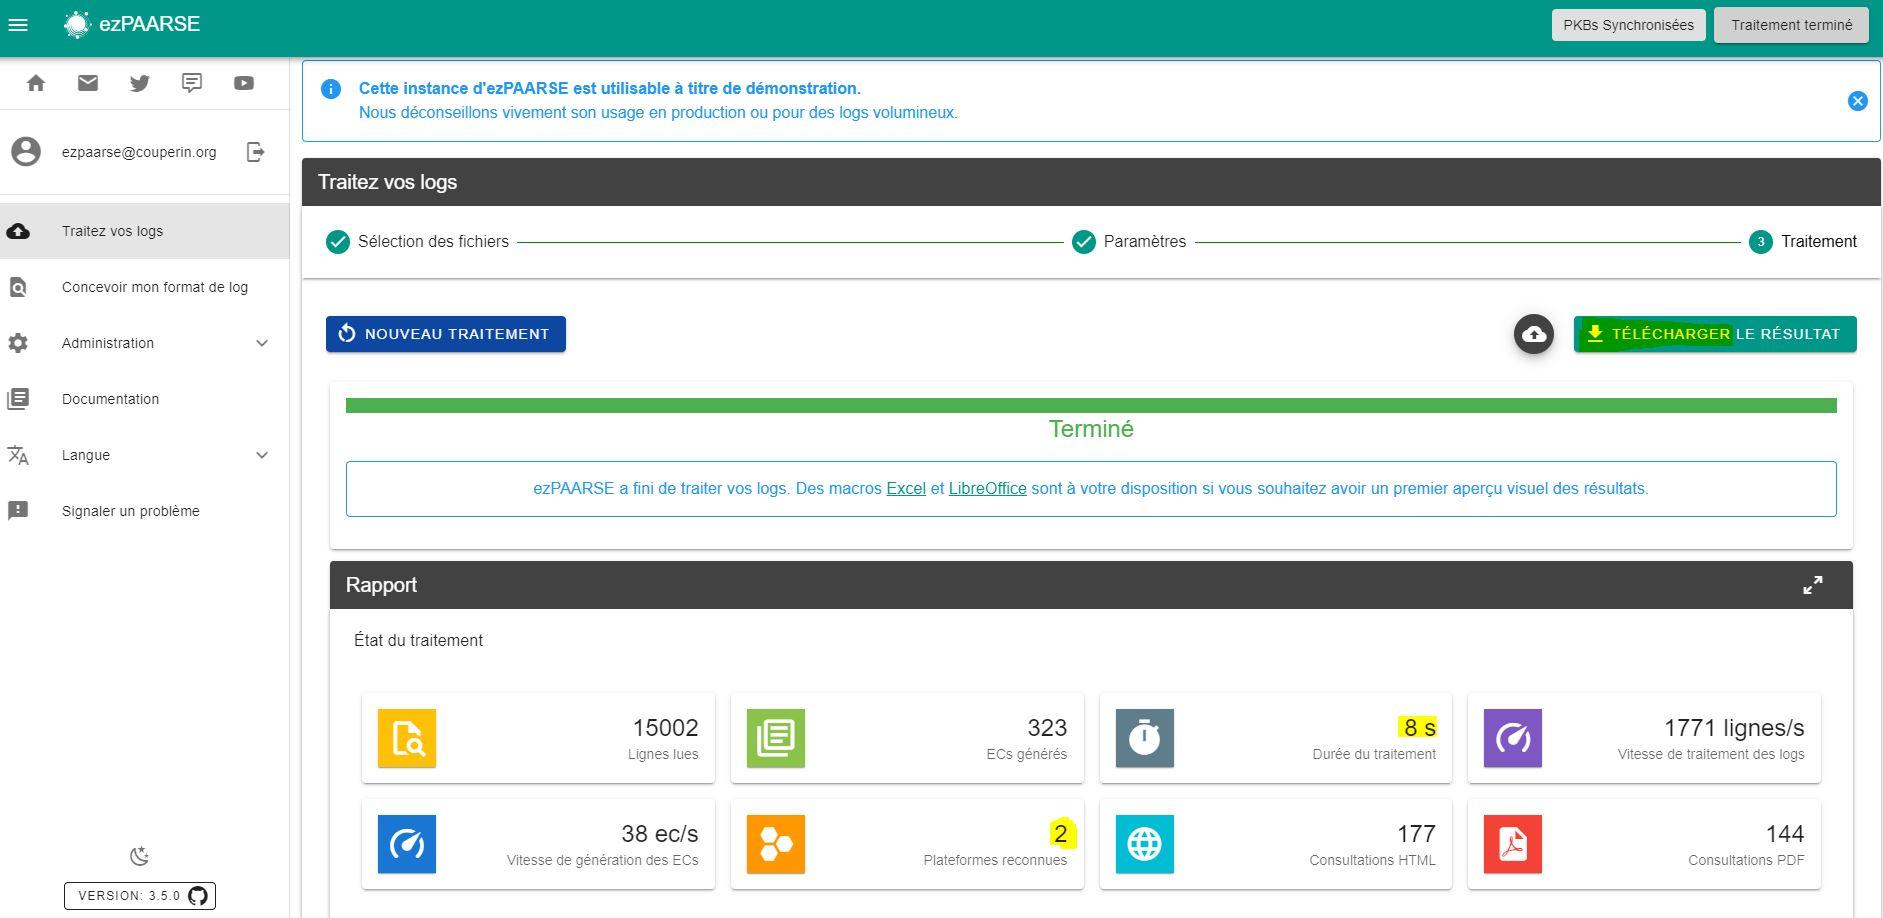 ezpaarse resultat traitement filter platform 2020